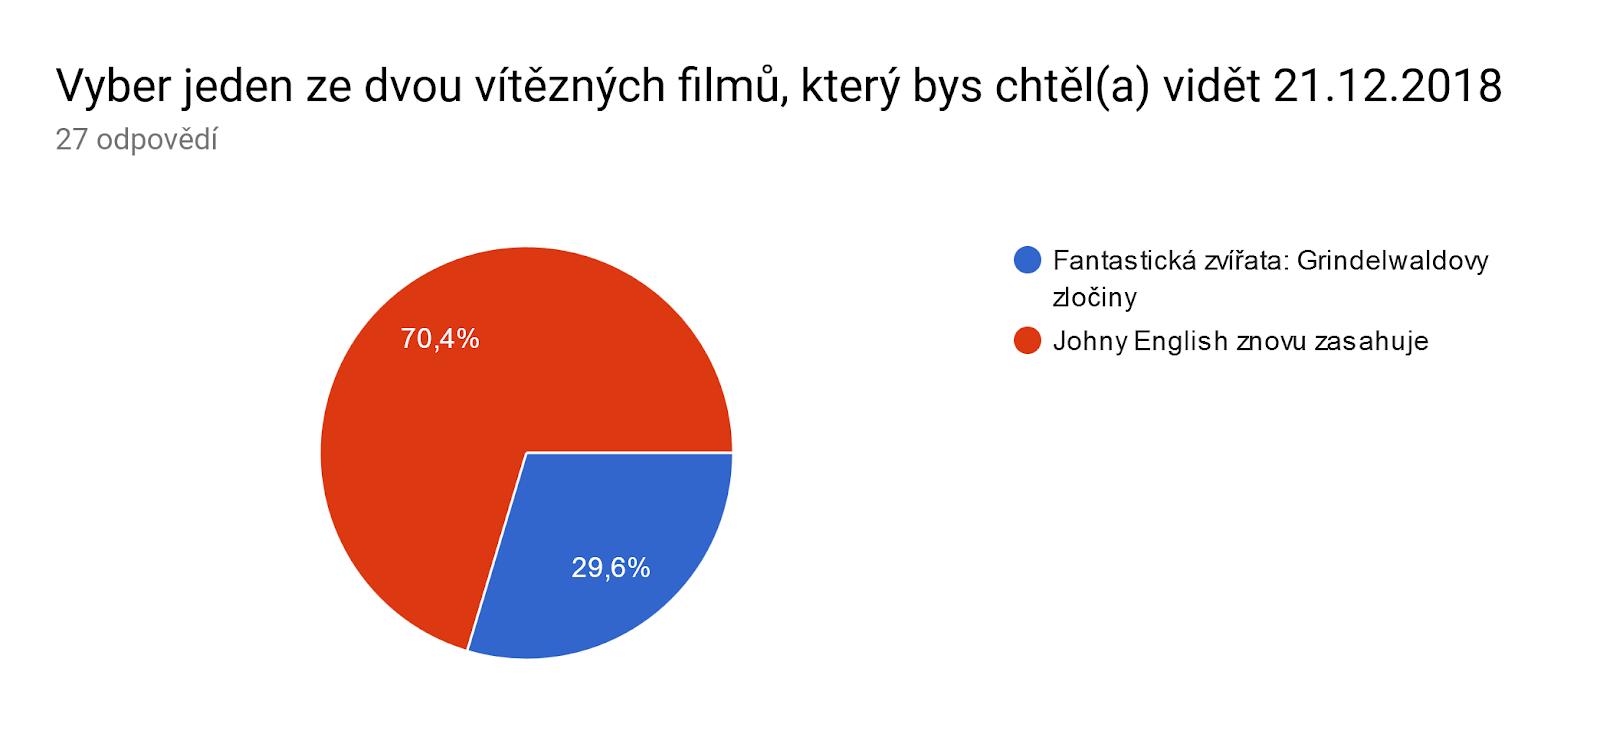 Graf odpovědí Formulářů. Název otázky: Vyber jeden ze dvou vítězných filmů, který bys chtěl(a) vidět 21.12.2018. Počet odpovědí: 27 odpovědí.